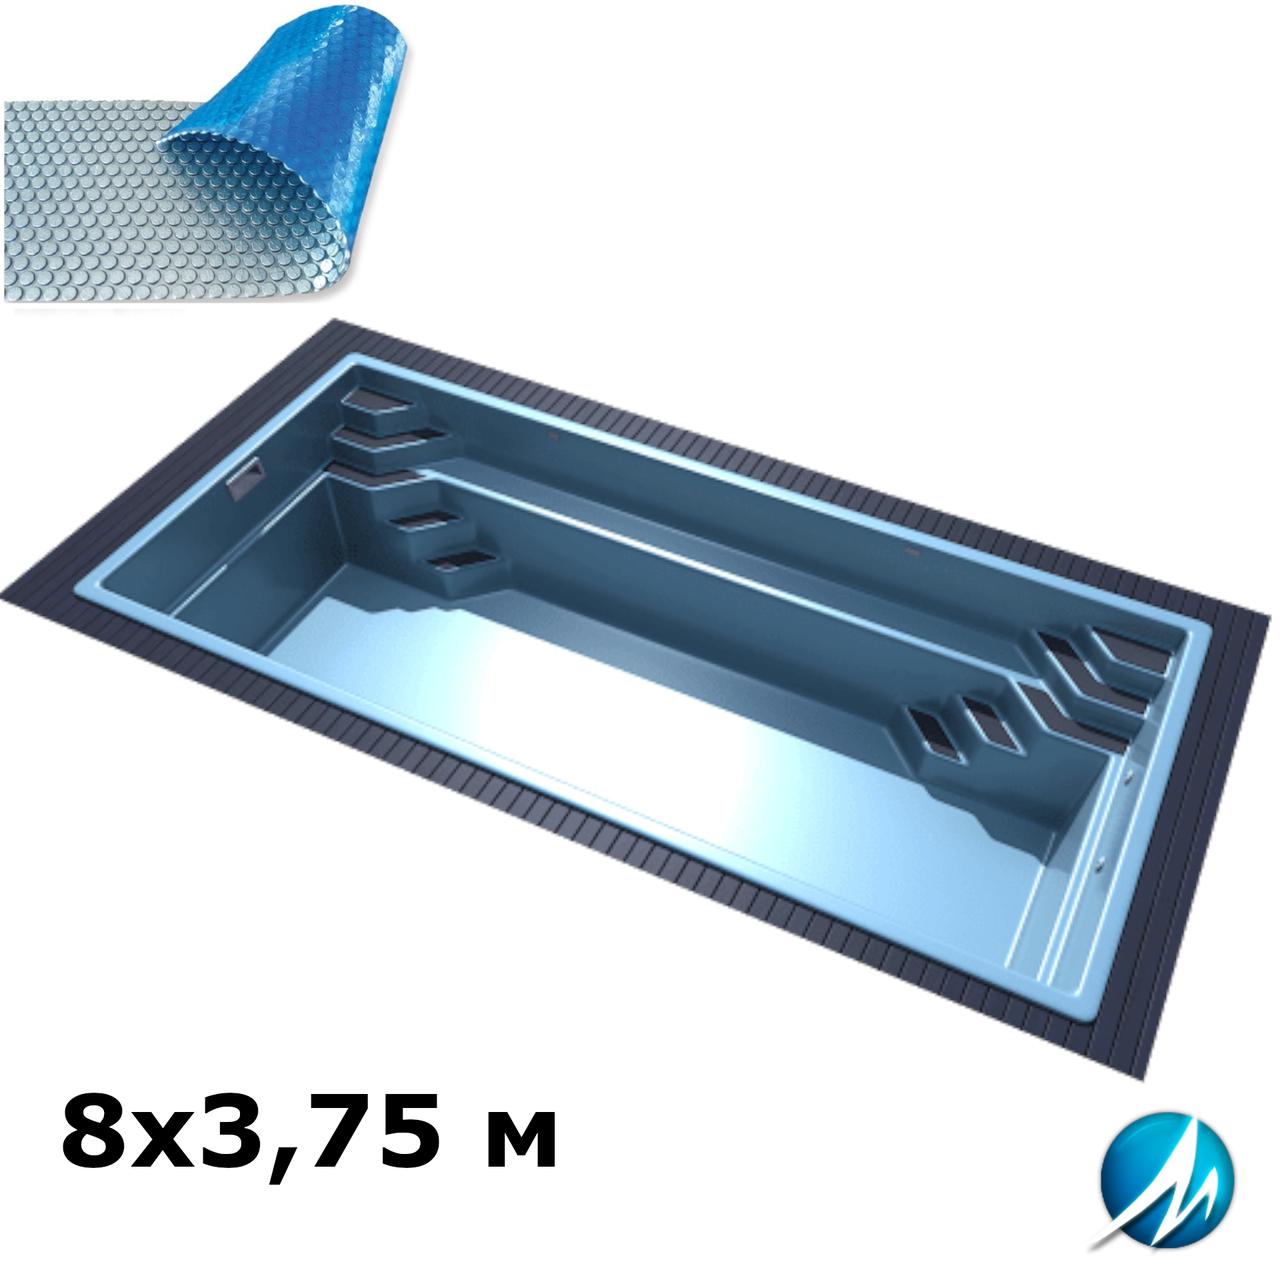 Солярне накриття для скловолоконного басейну 8х3,75 м